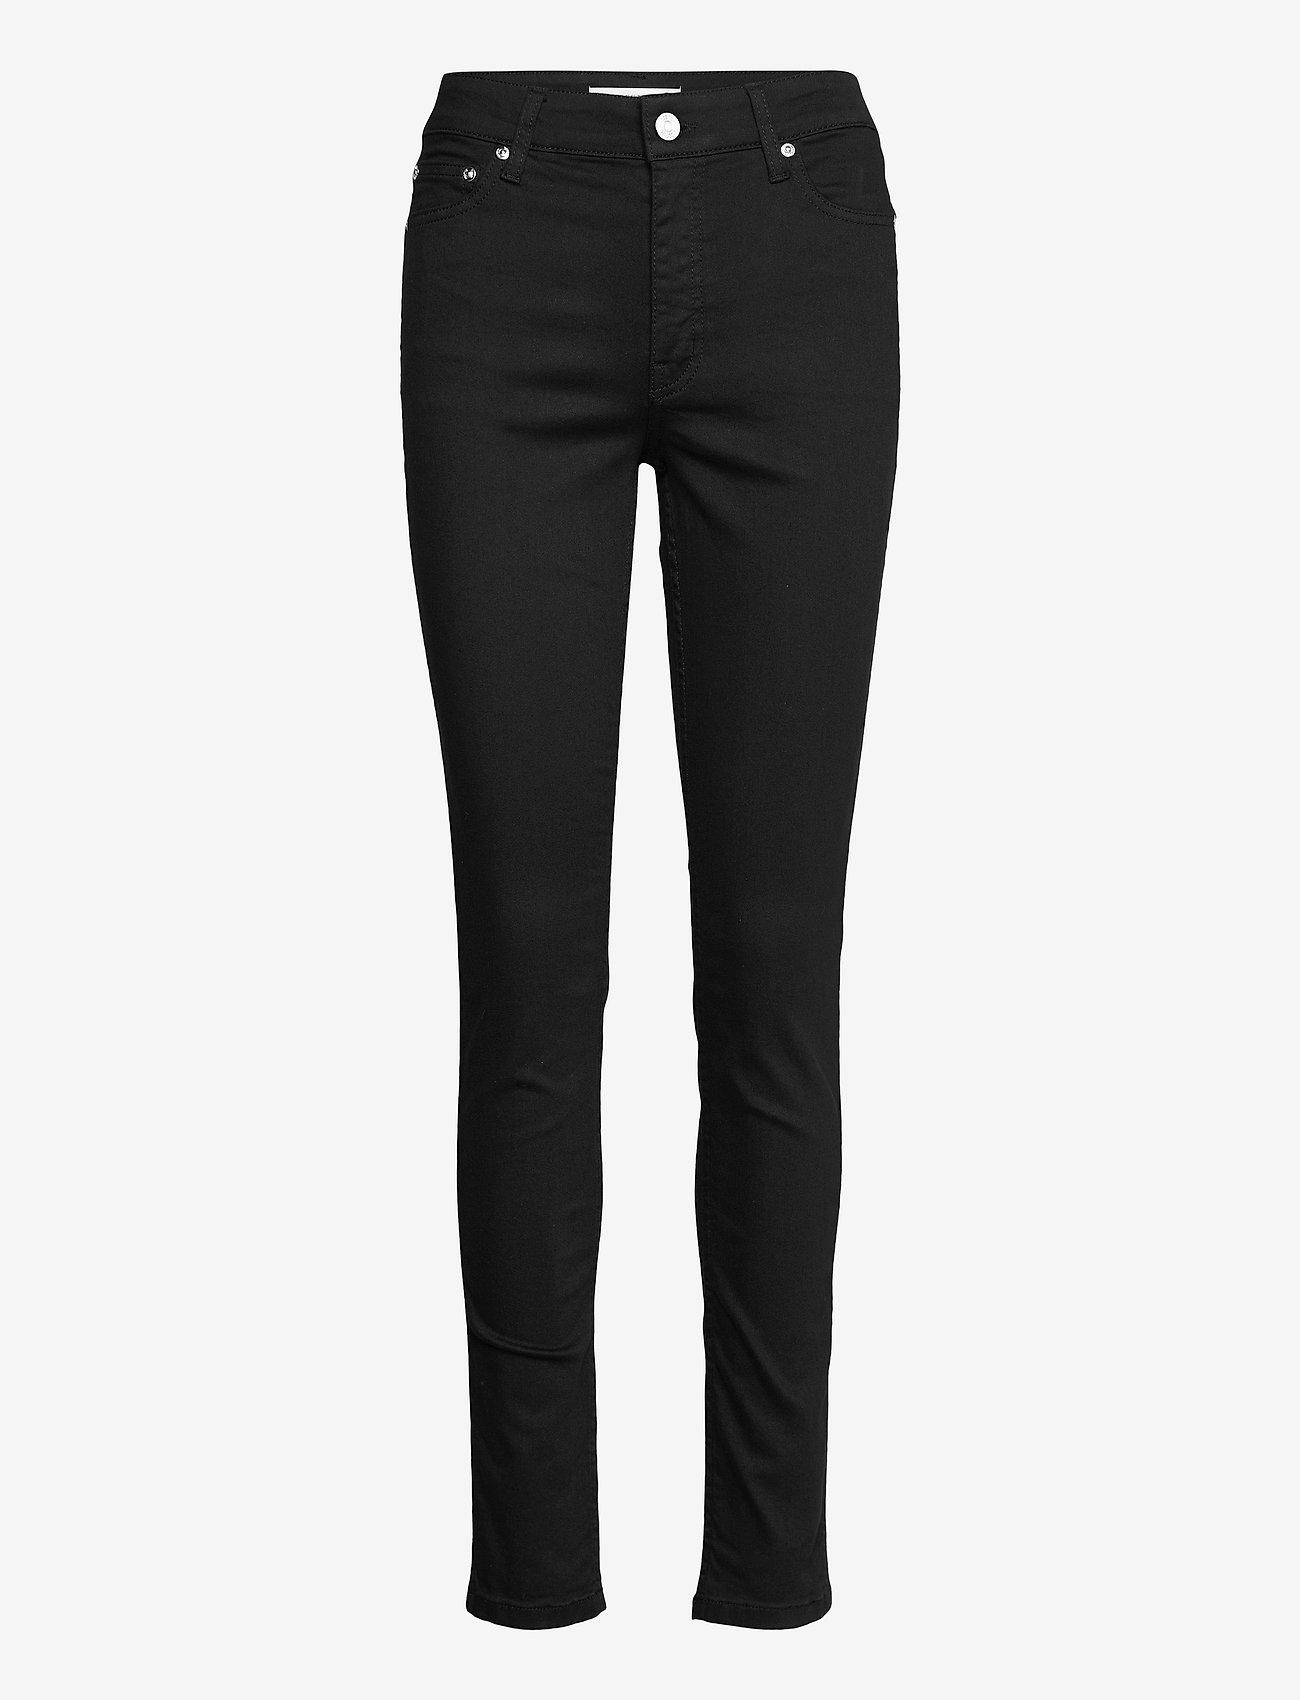 Gestuz - MaggieGZ MW skinny jeans NOOS black - skinny jeans - black - 1